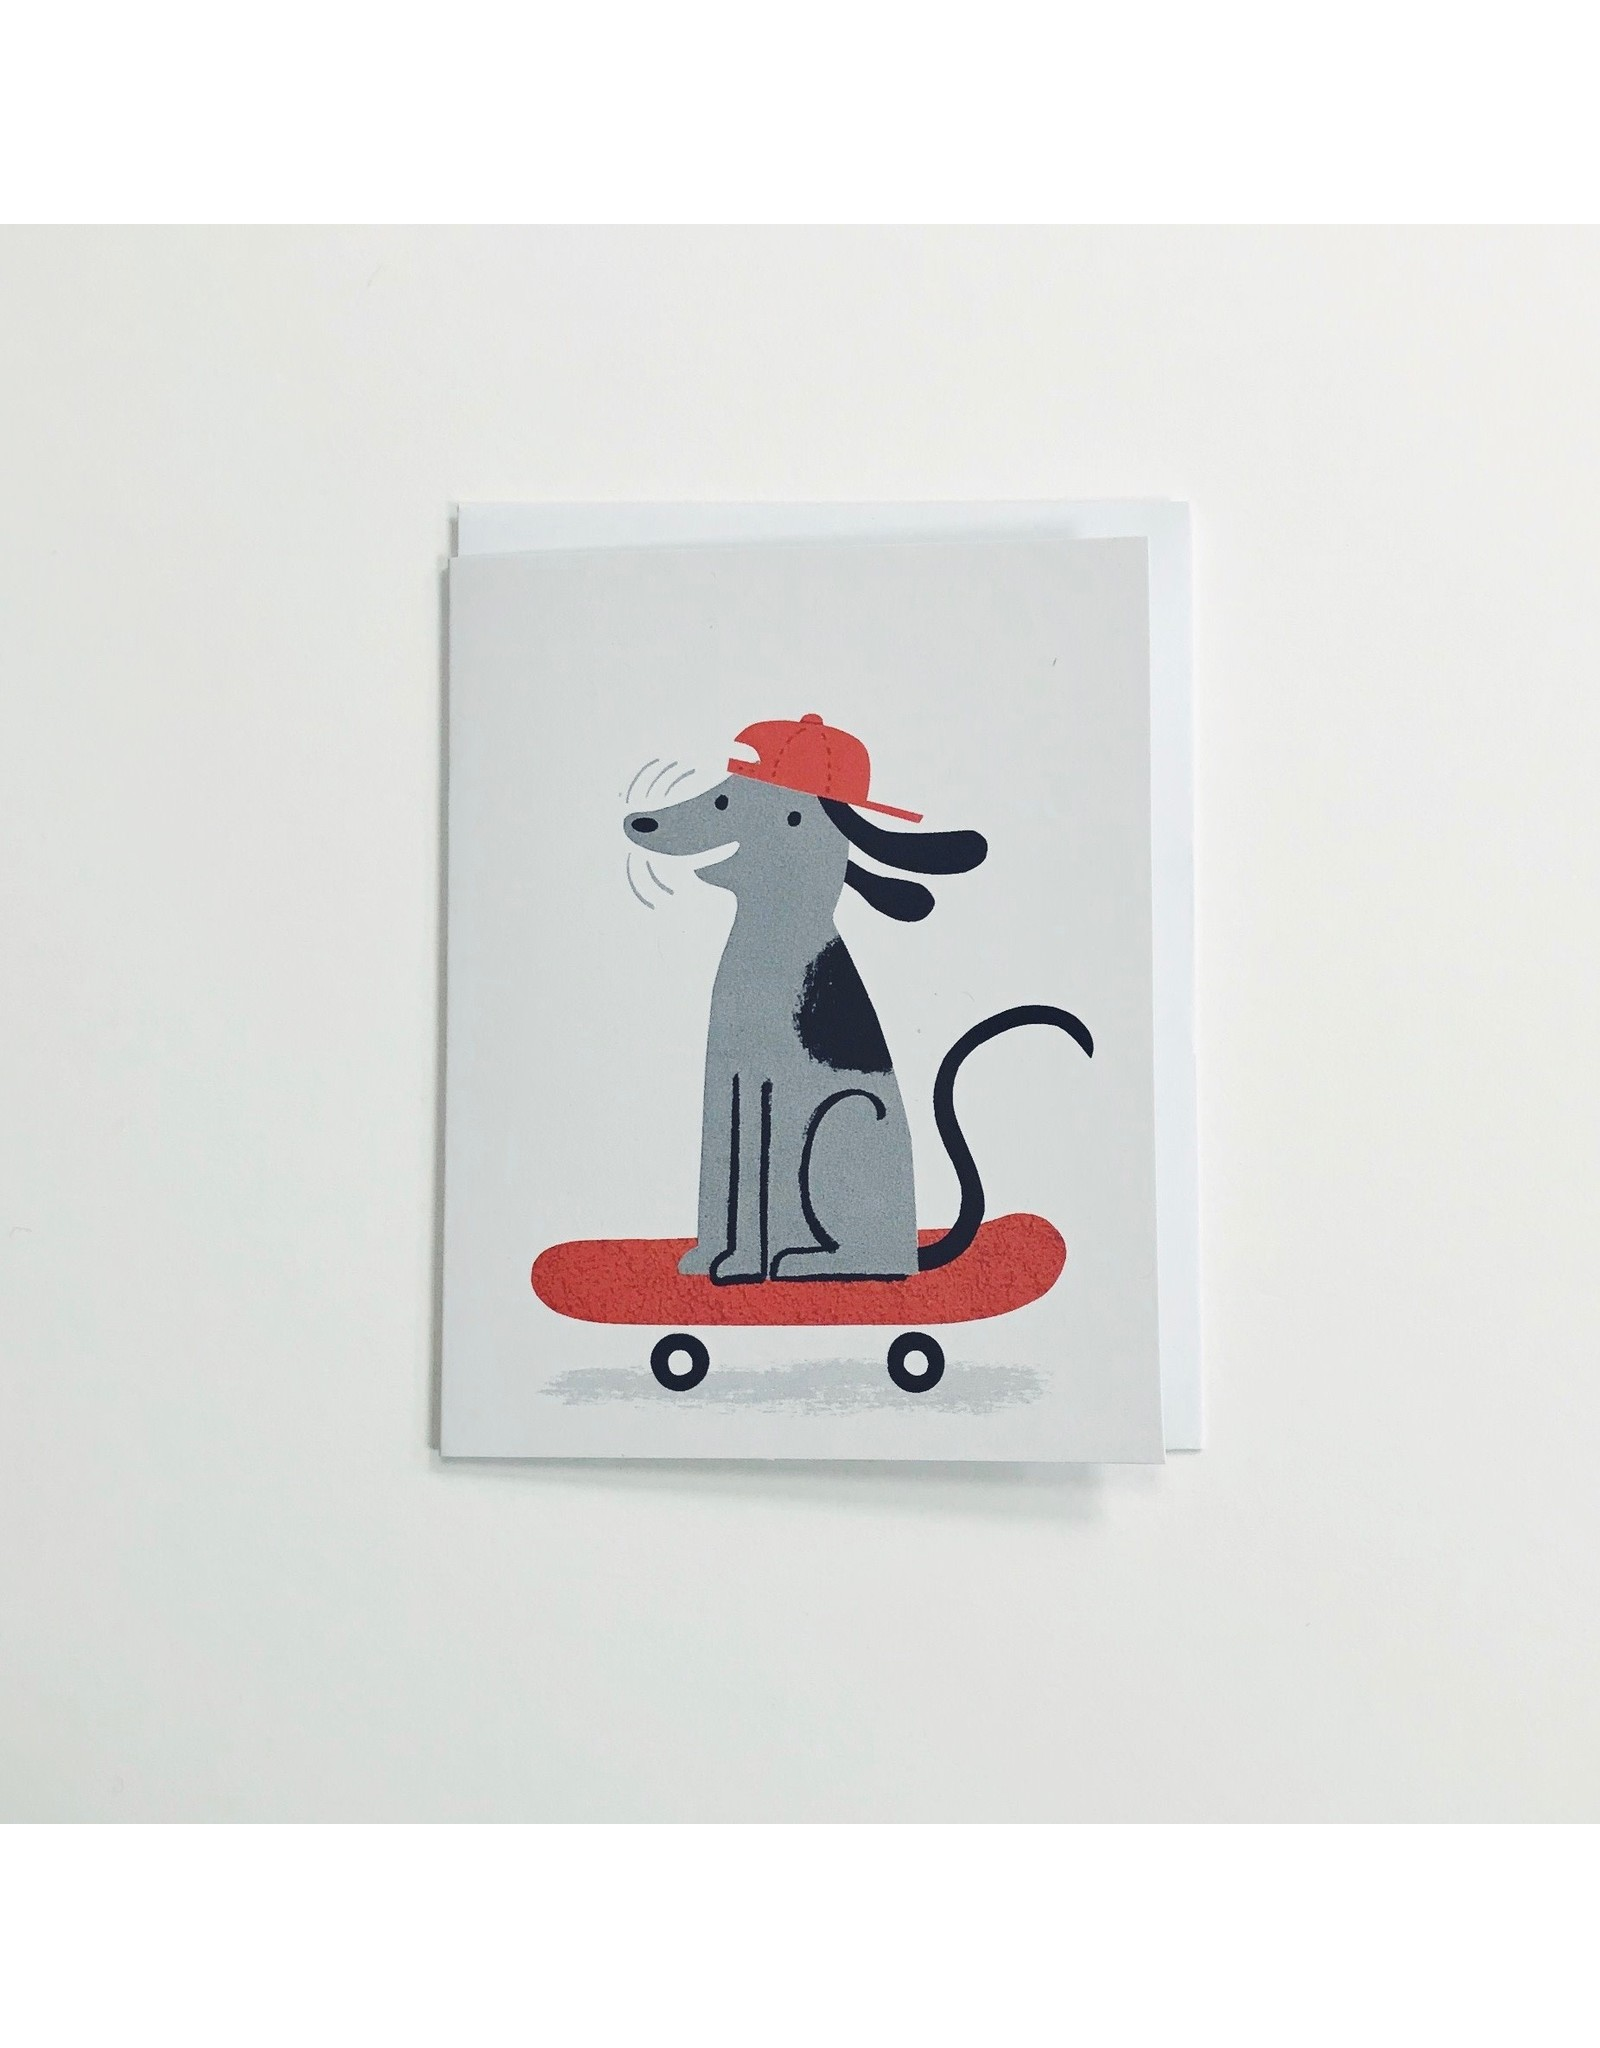 Skateboard Dog